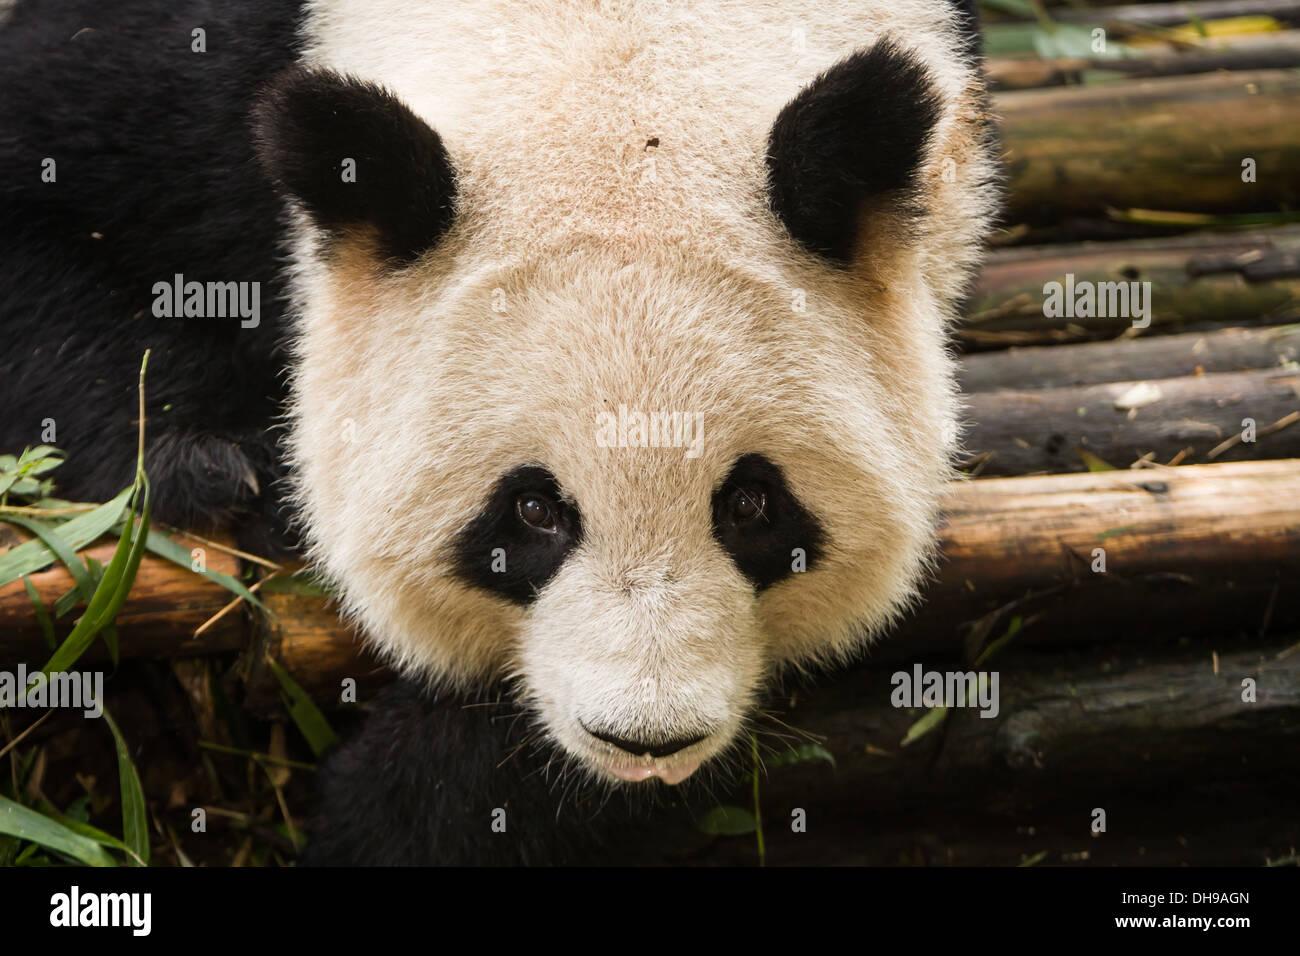 Panda regarde de près de Chengdu photographe base de recherche Centre d'élevage du panda géant du Sichuan en Chine Photo Stock